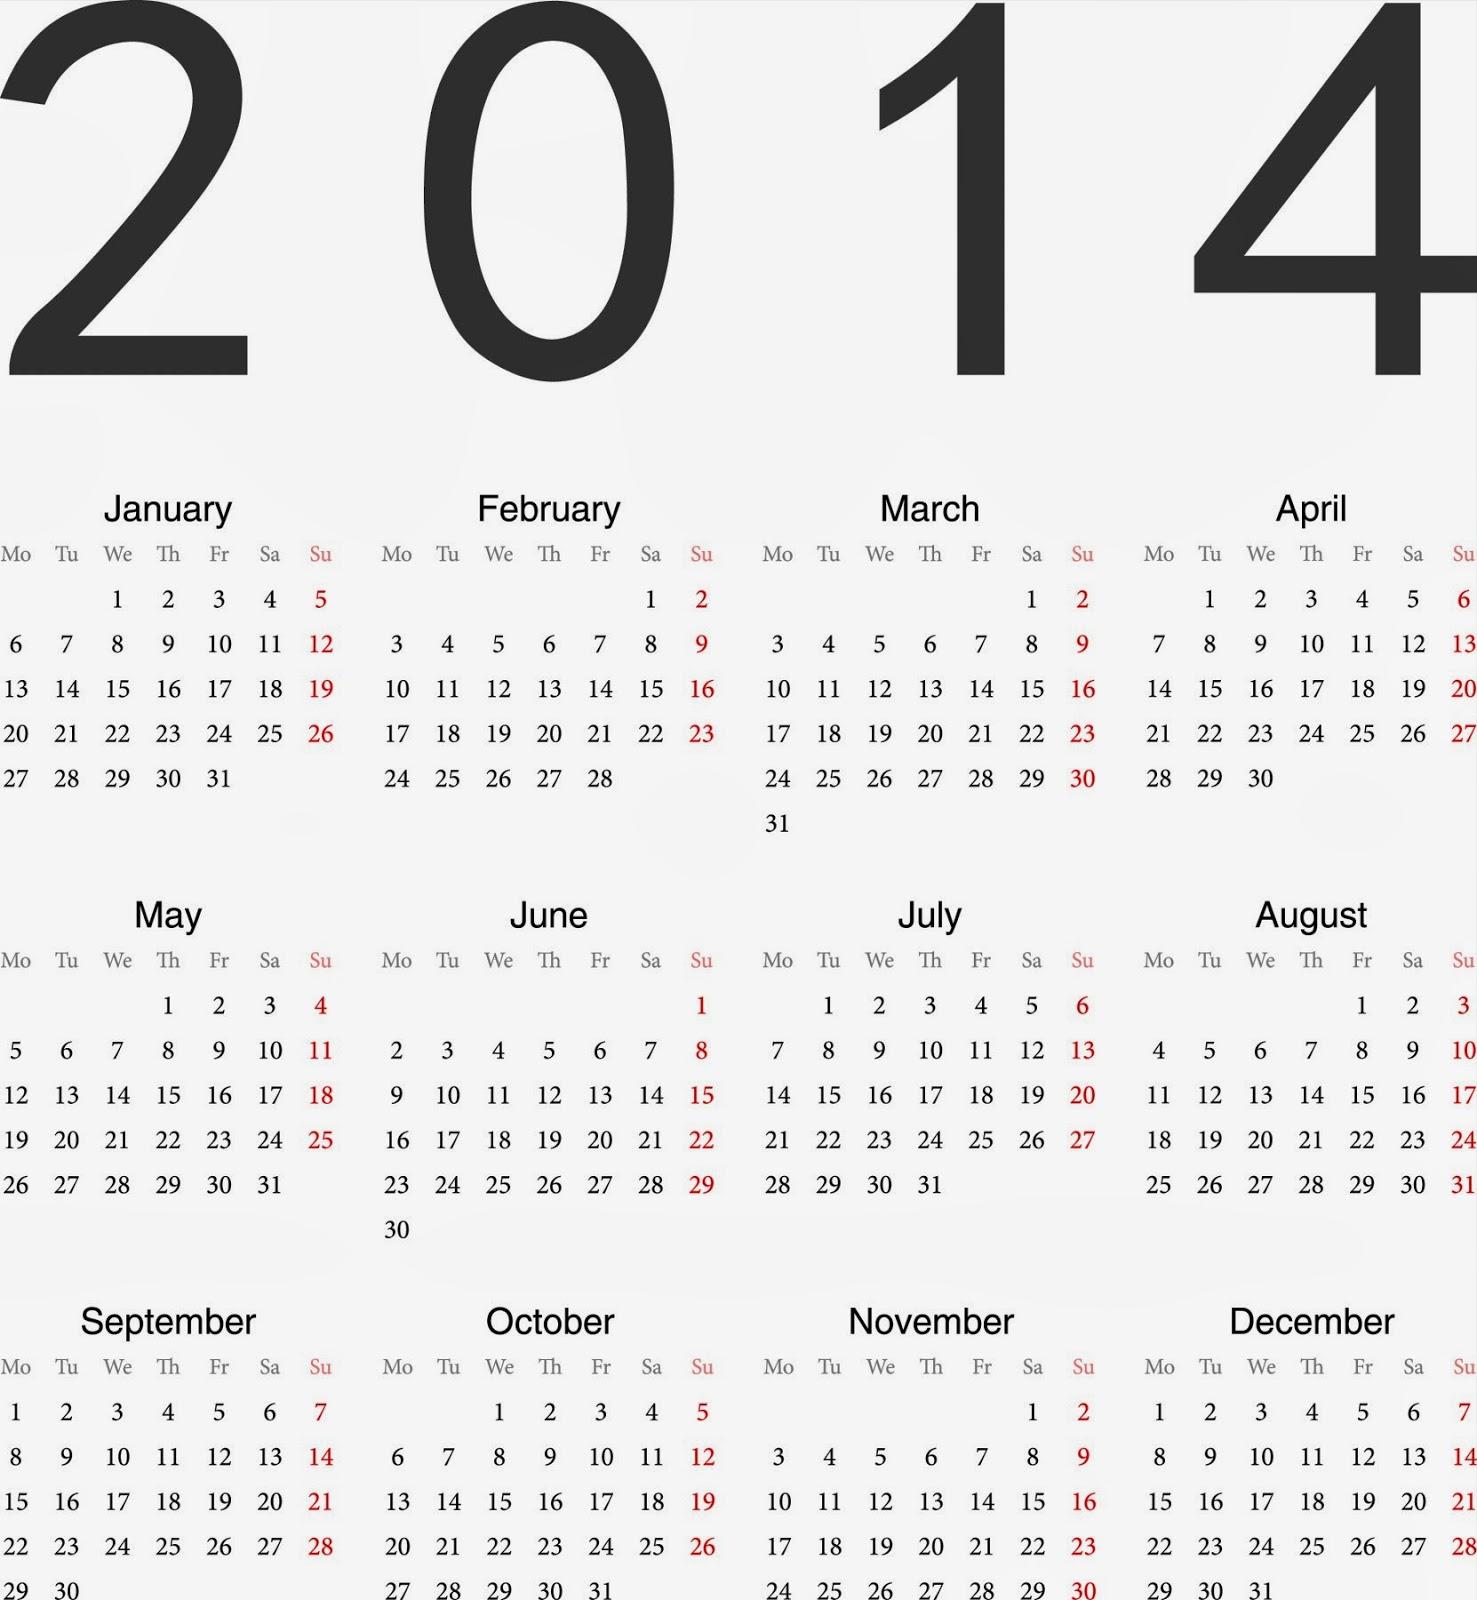 2014 Calendar Wallpapers - HD Wallpapers Blog